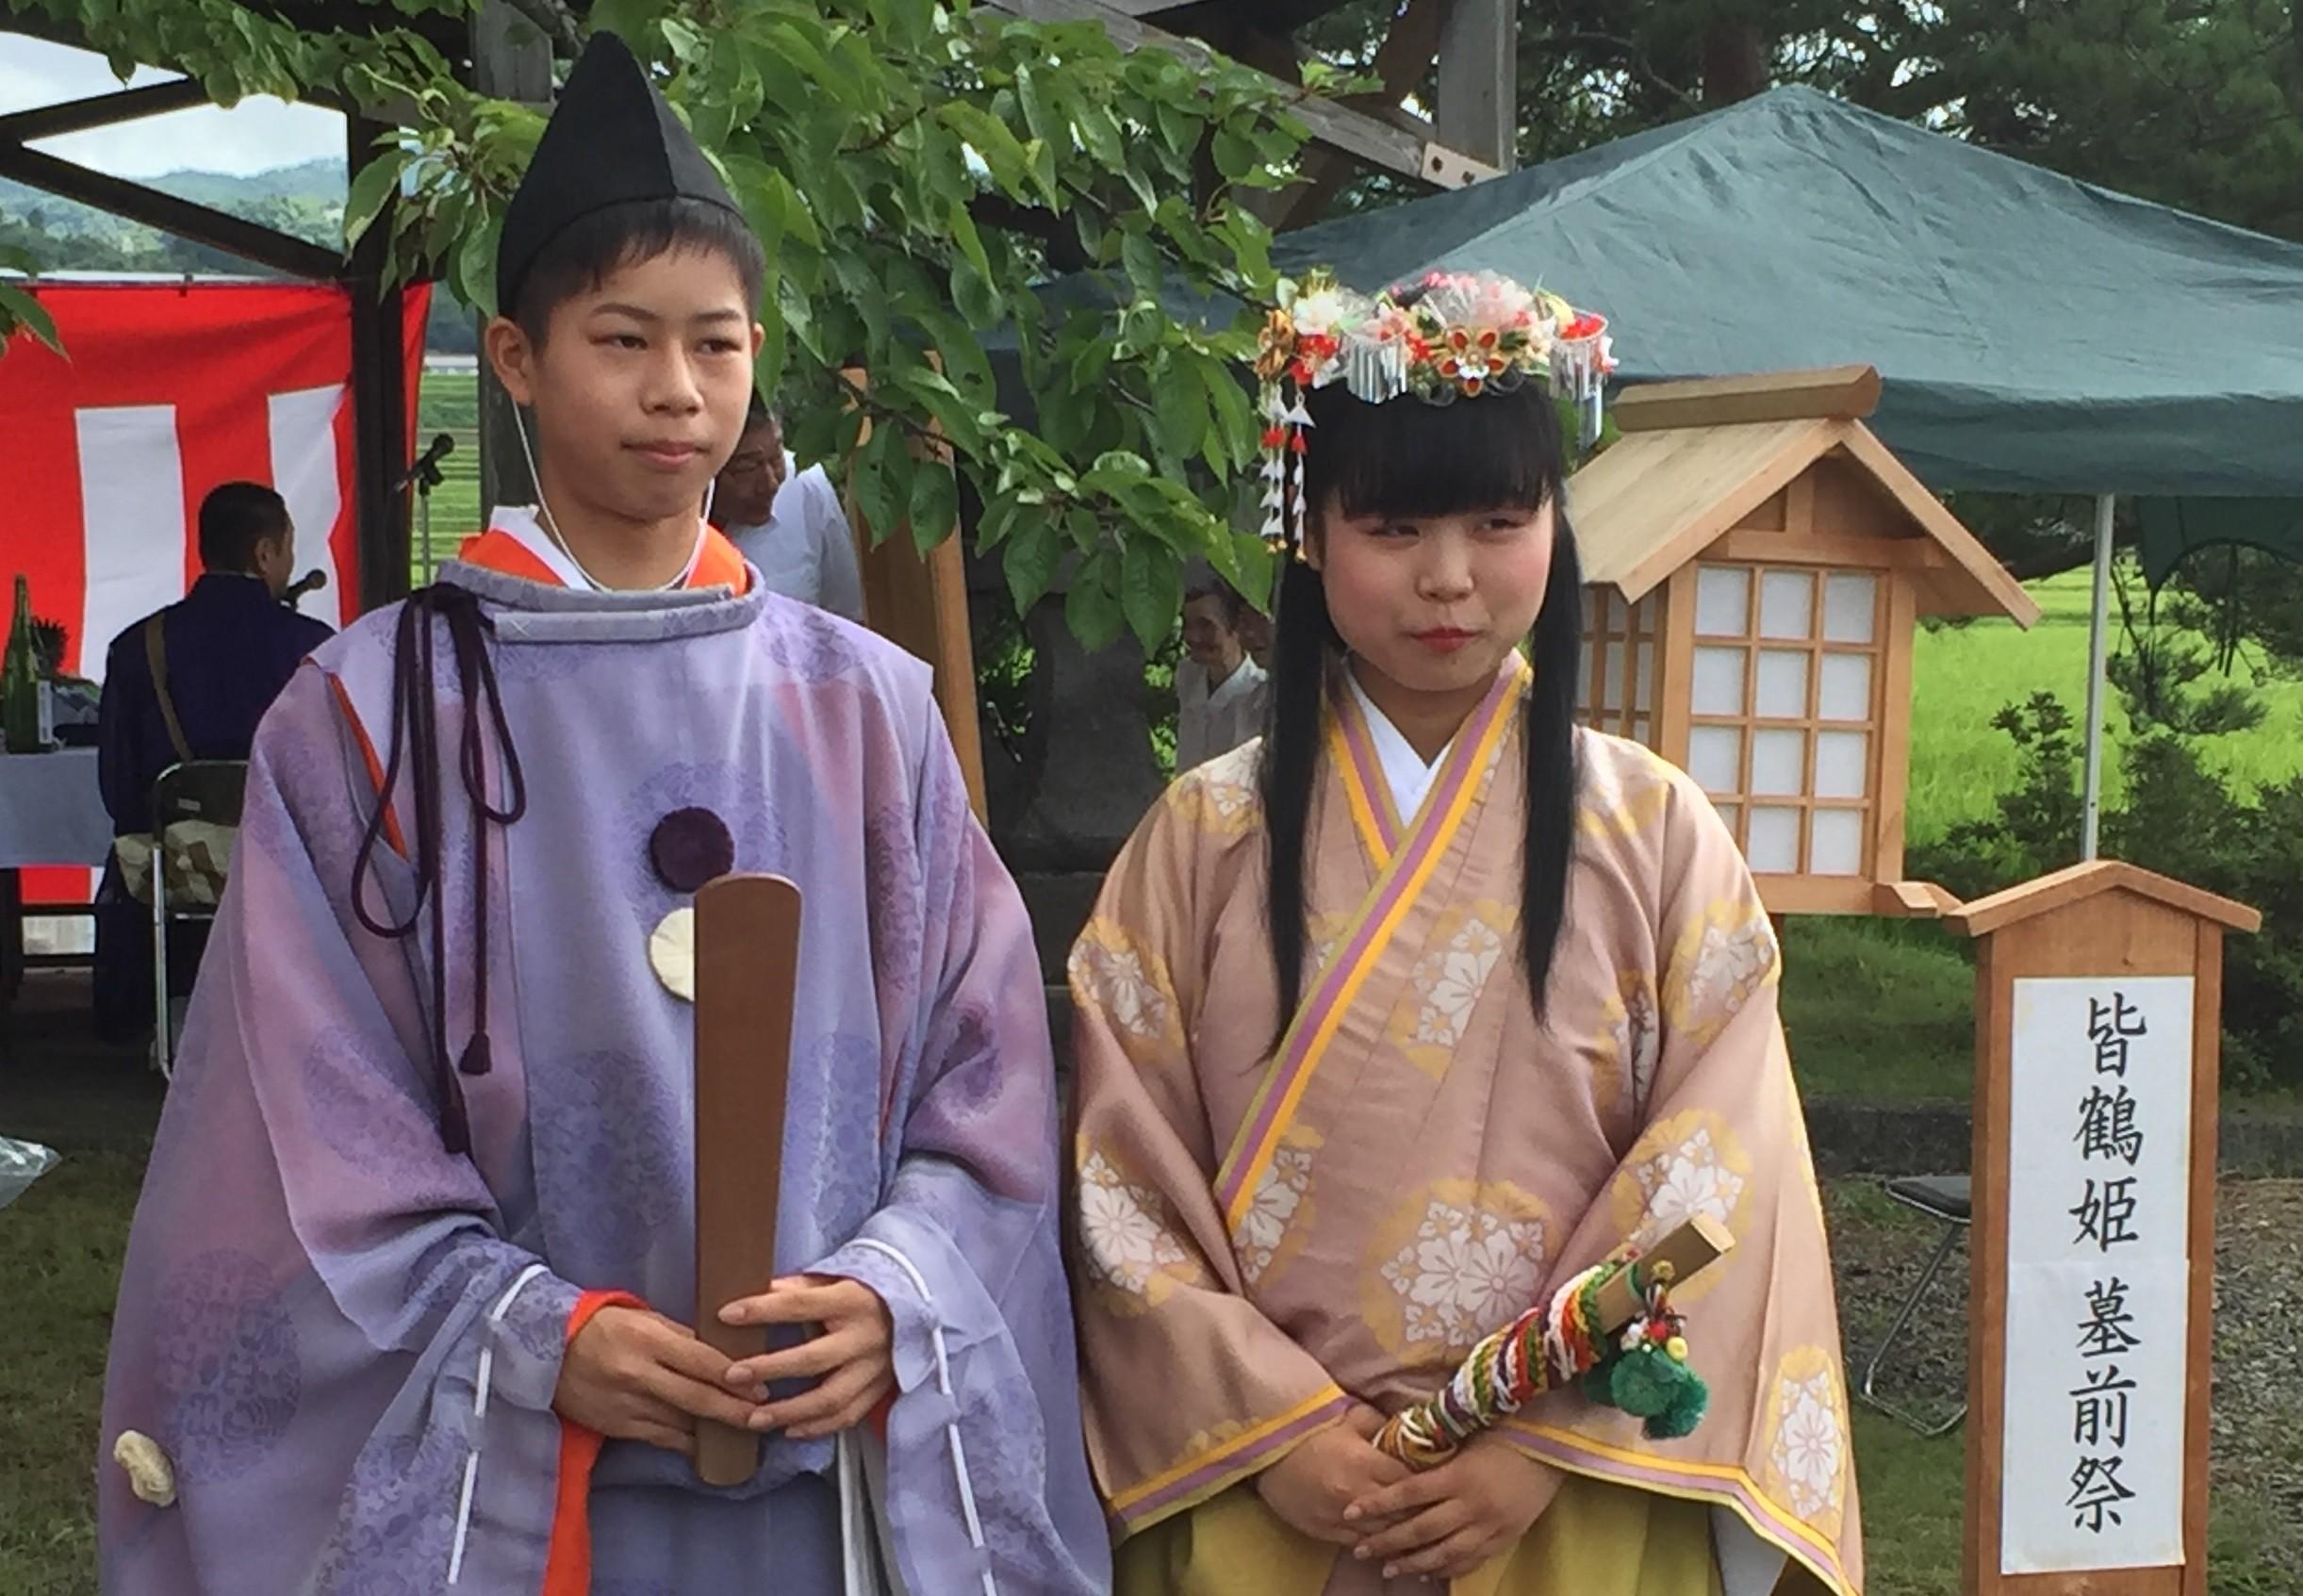 かわひがし皆鶴姫まつりを継続開催したい!もっと盛り上げたい!